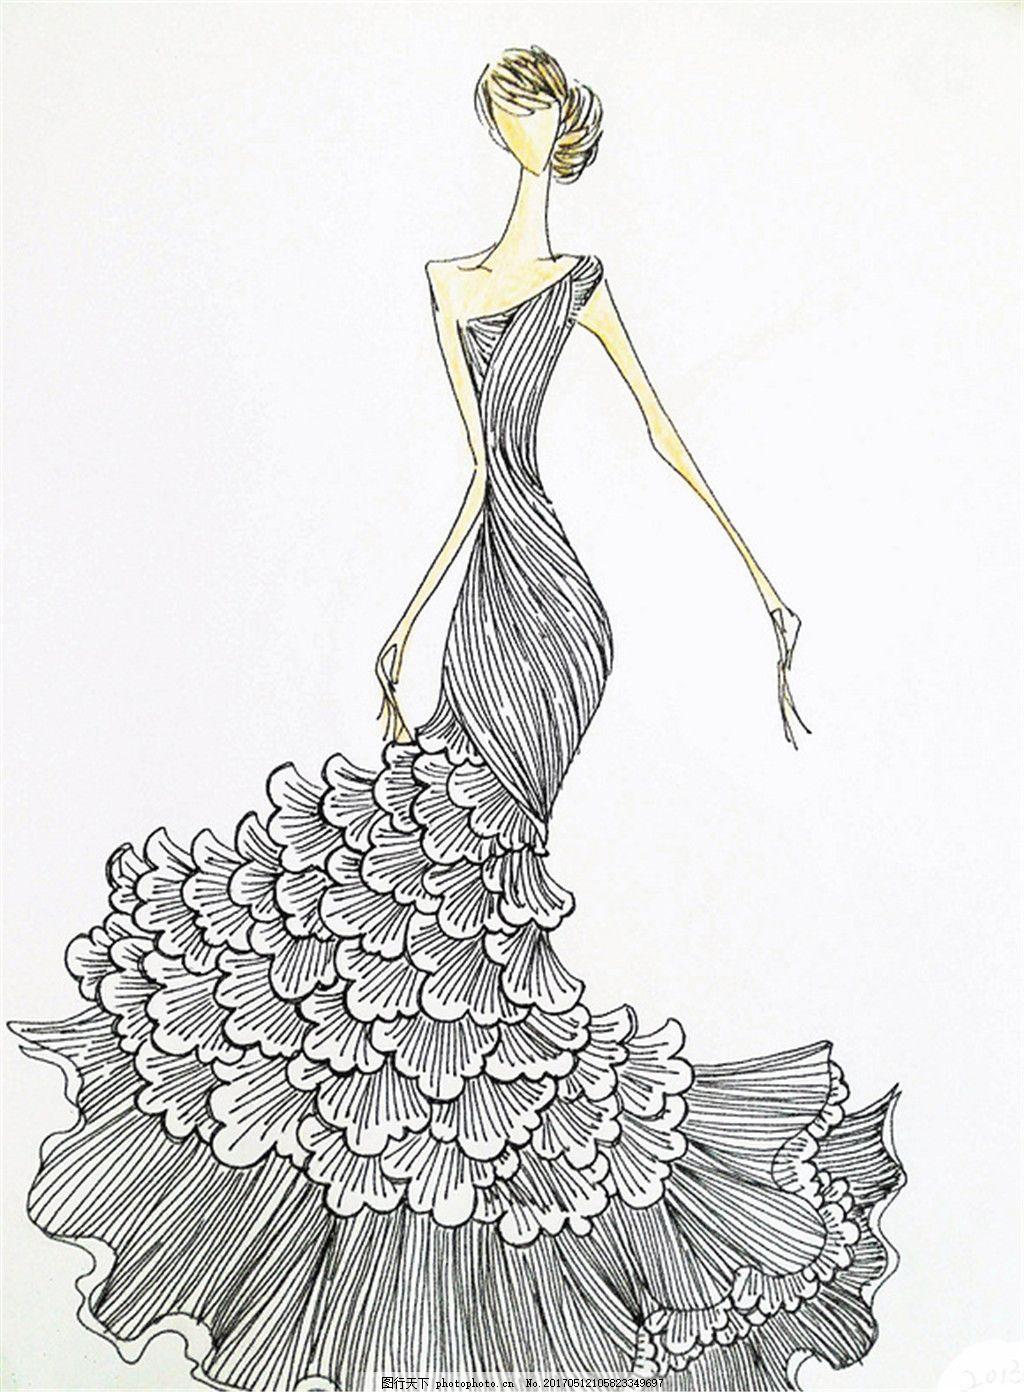 设计图库 现代科技 服装设计  单肩竖条礼服设计图 服装设计 时尚女装